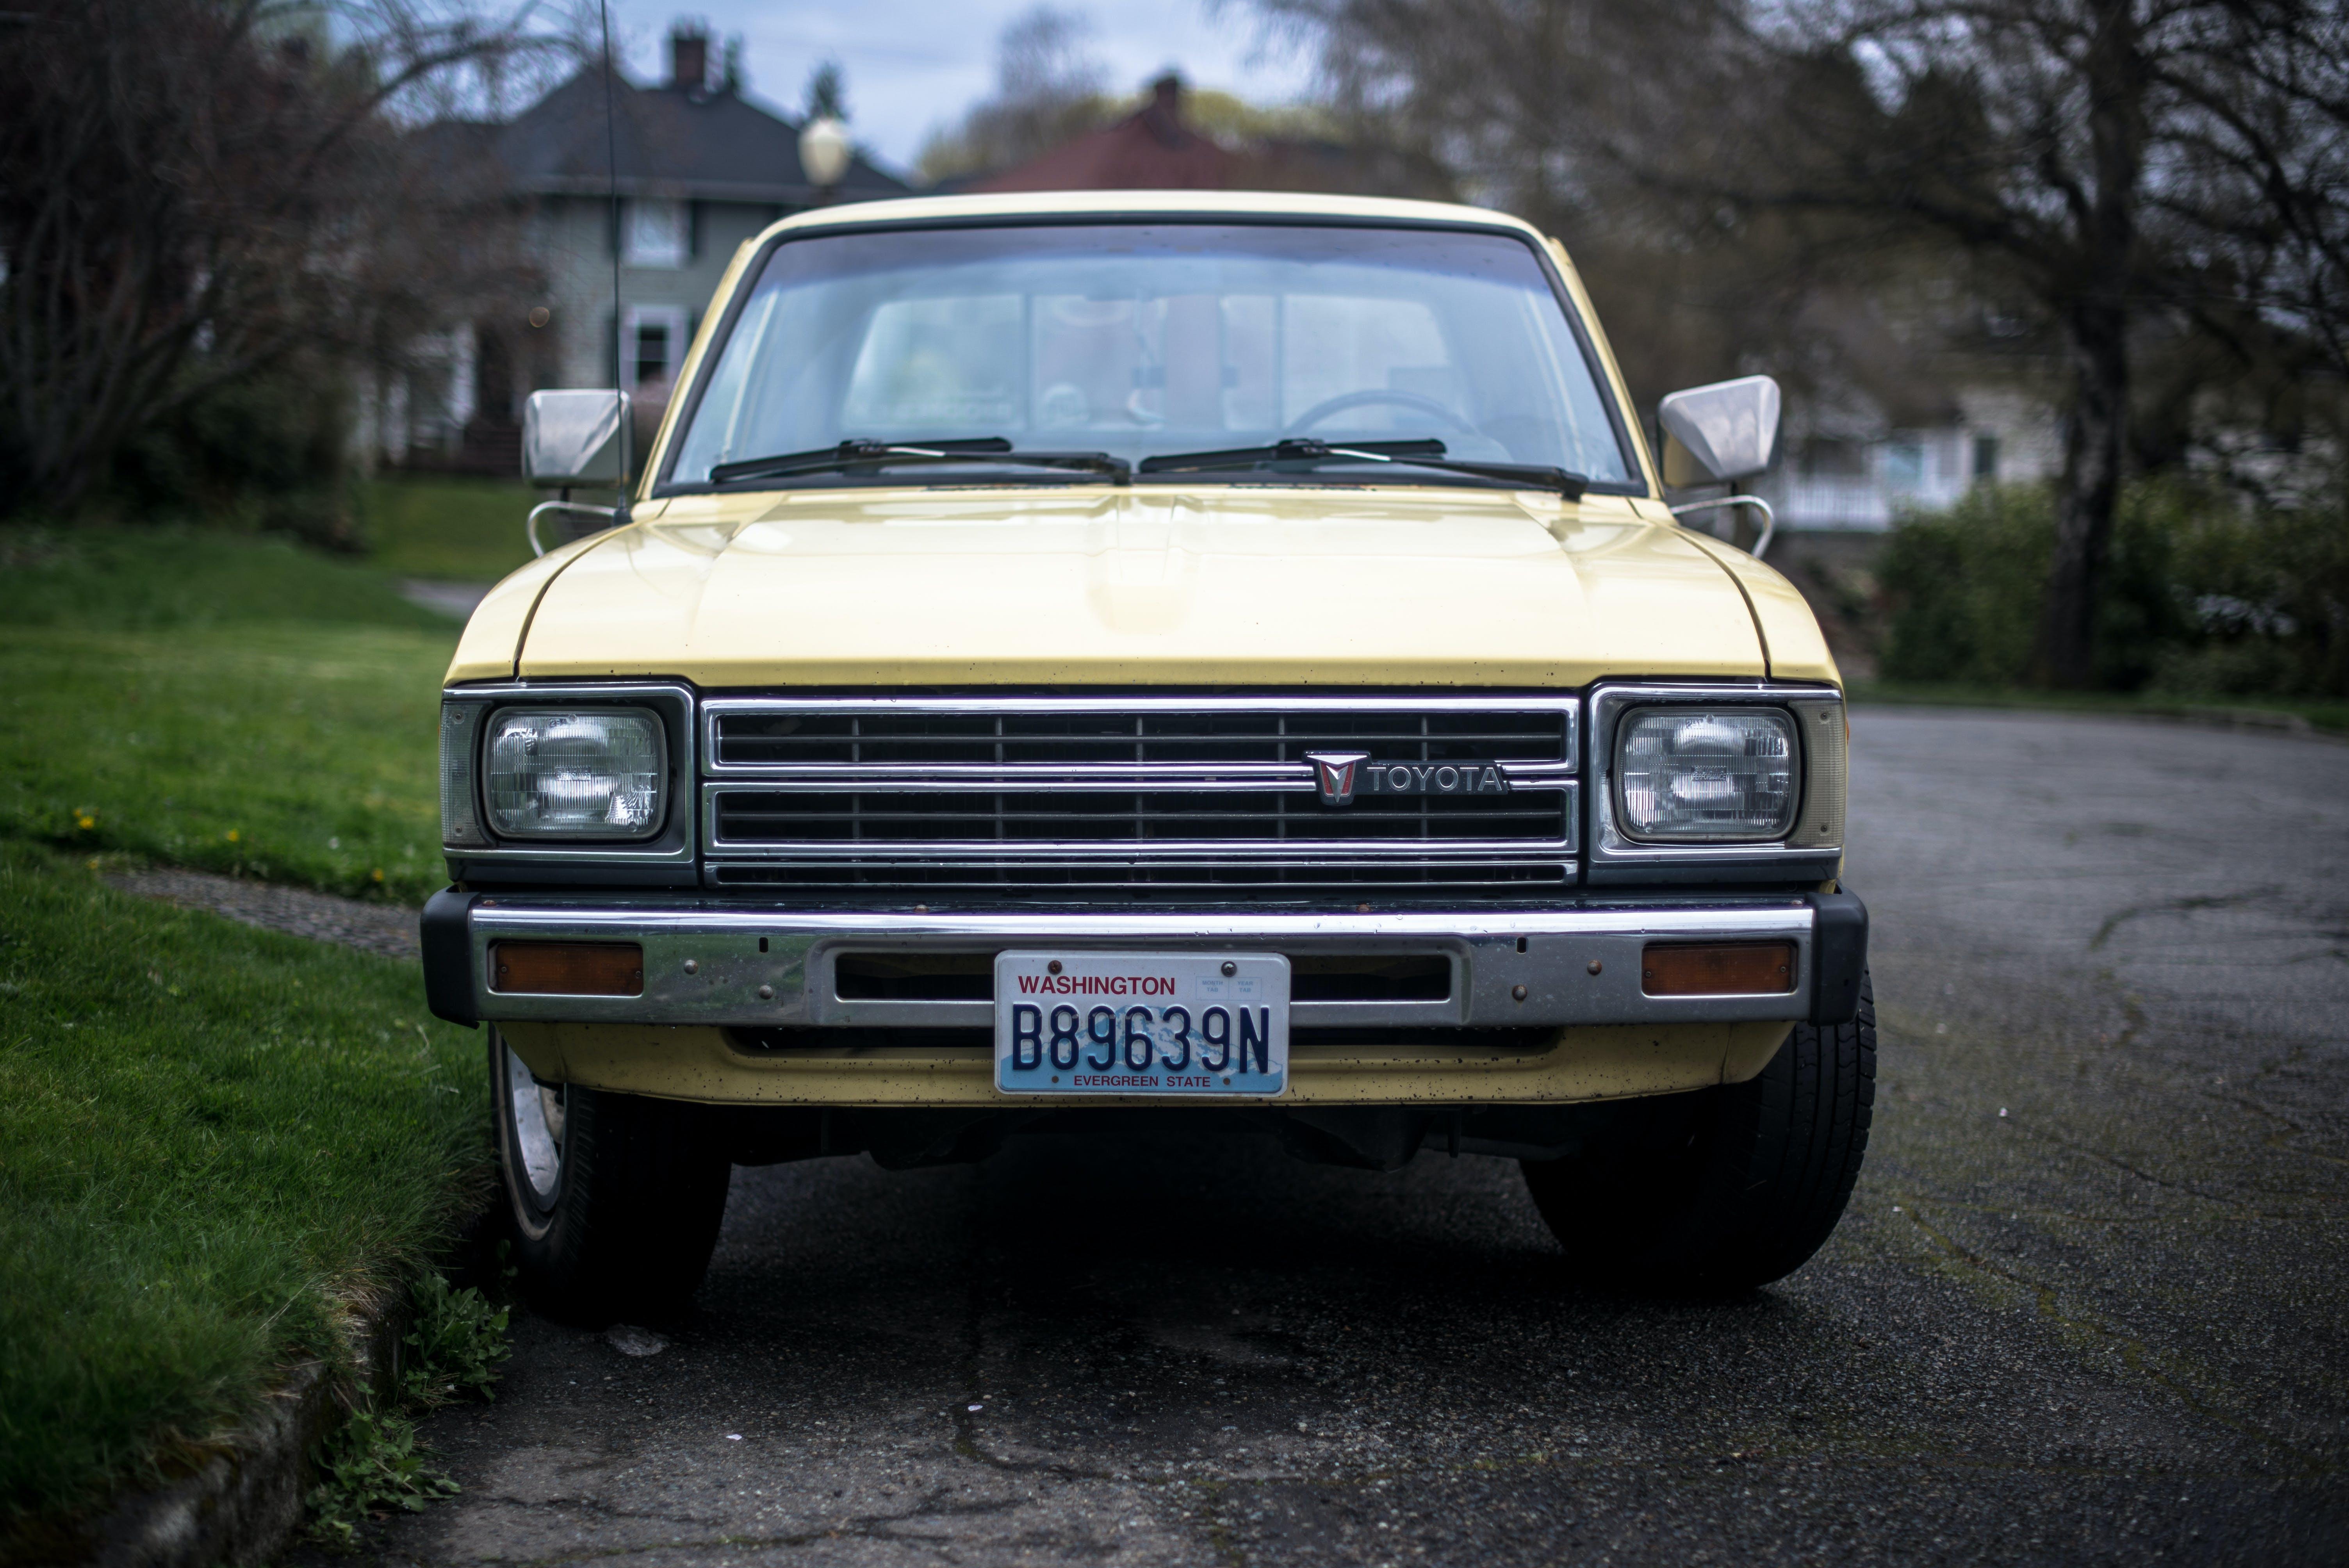 asphalt, automobile, automotive